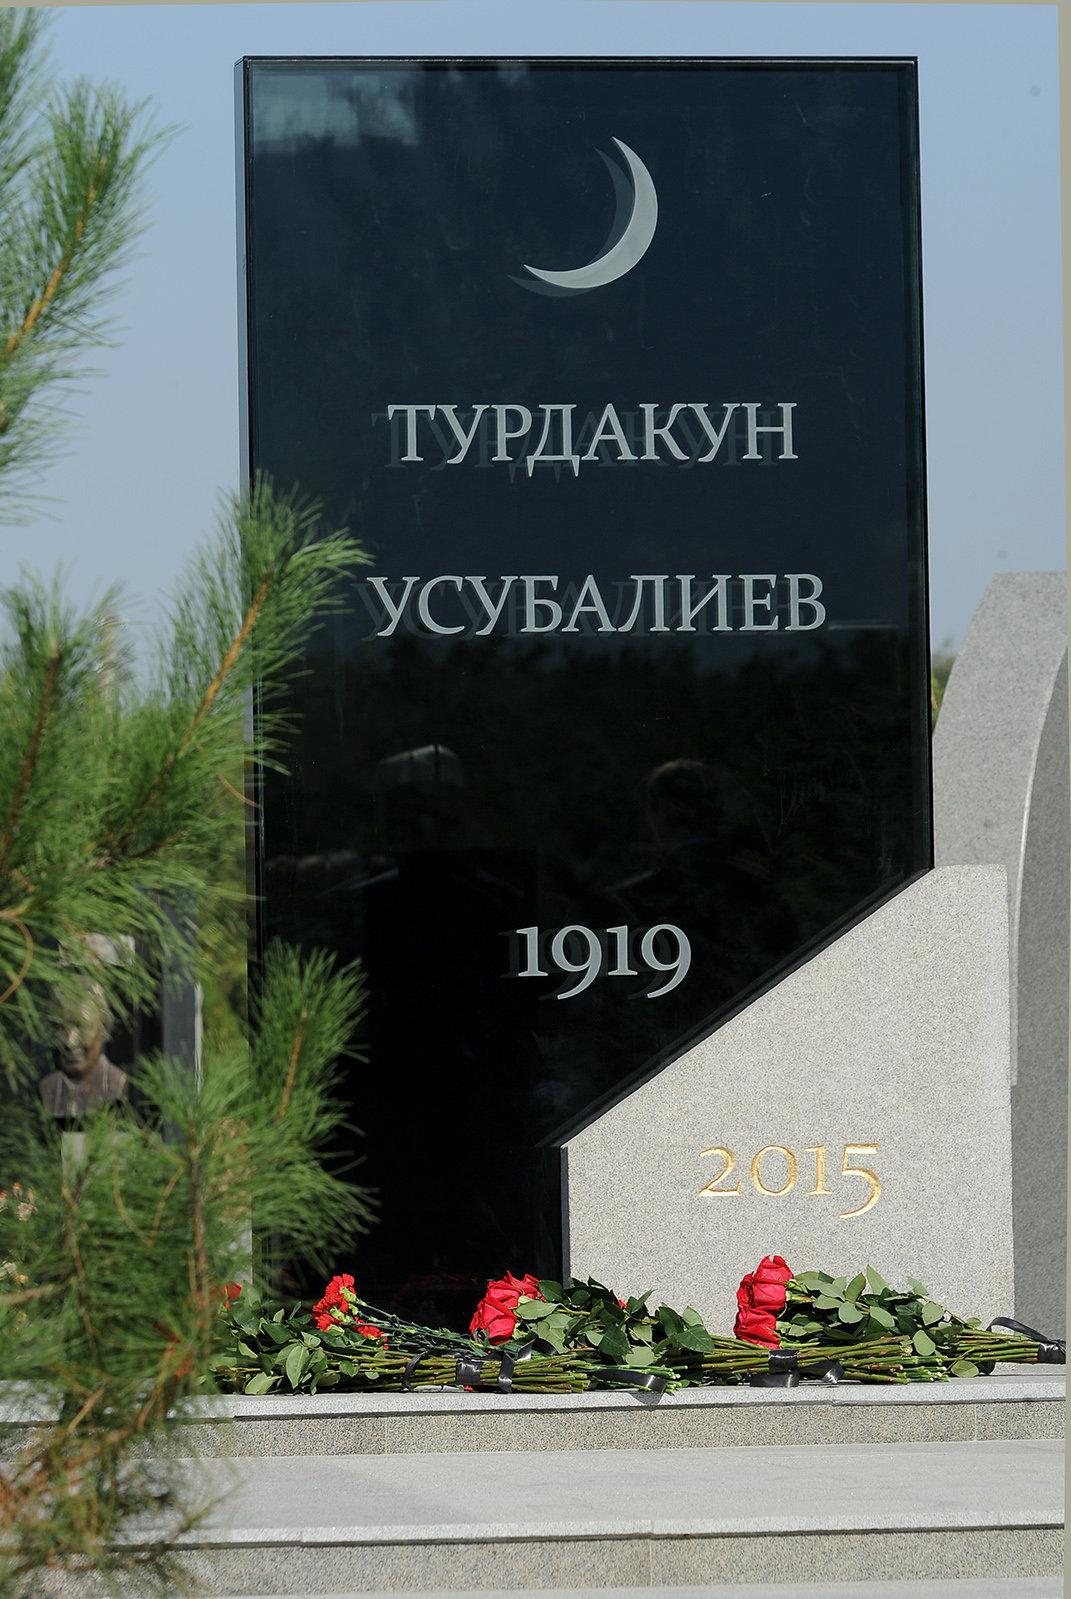 Памятник государственному и общественному деятелю, герою КР Турдакуну Усубалиеву